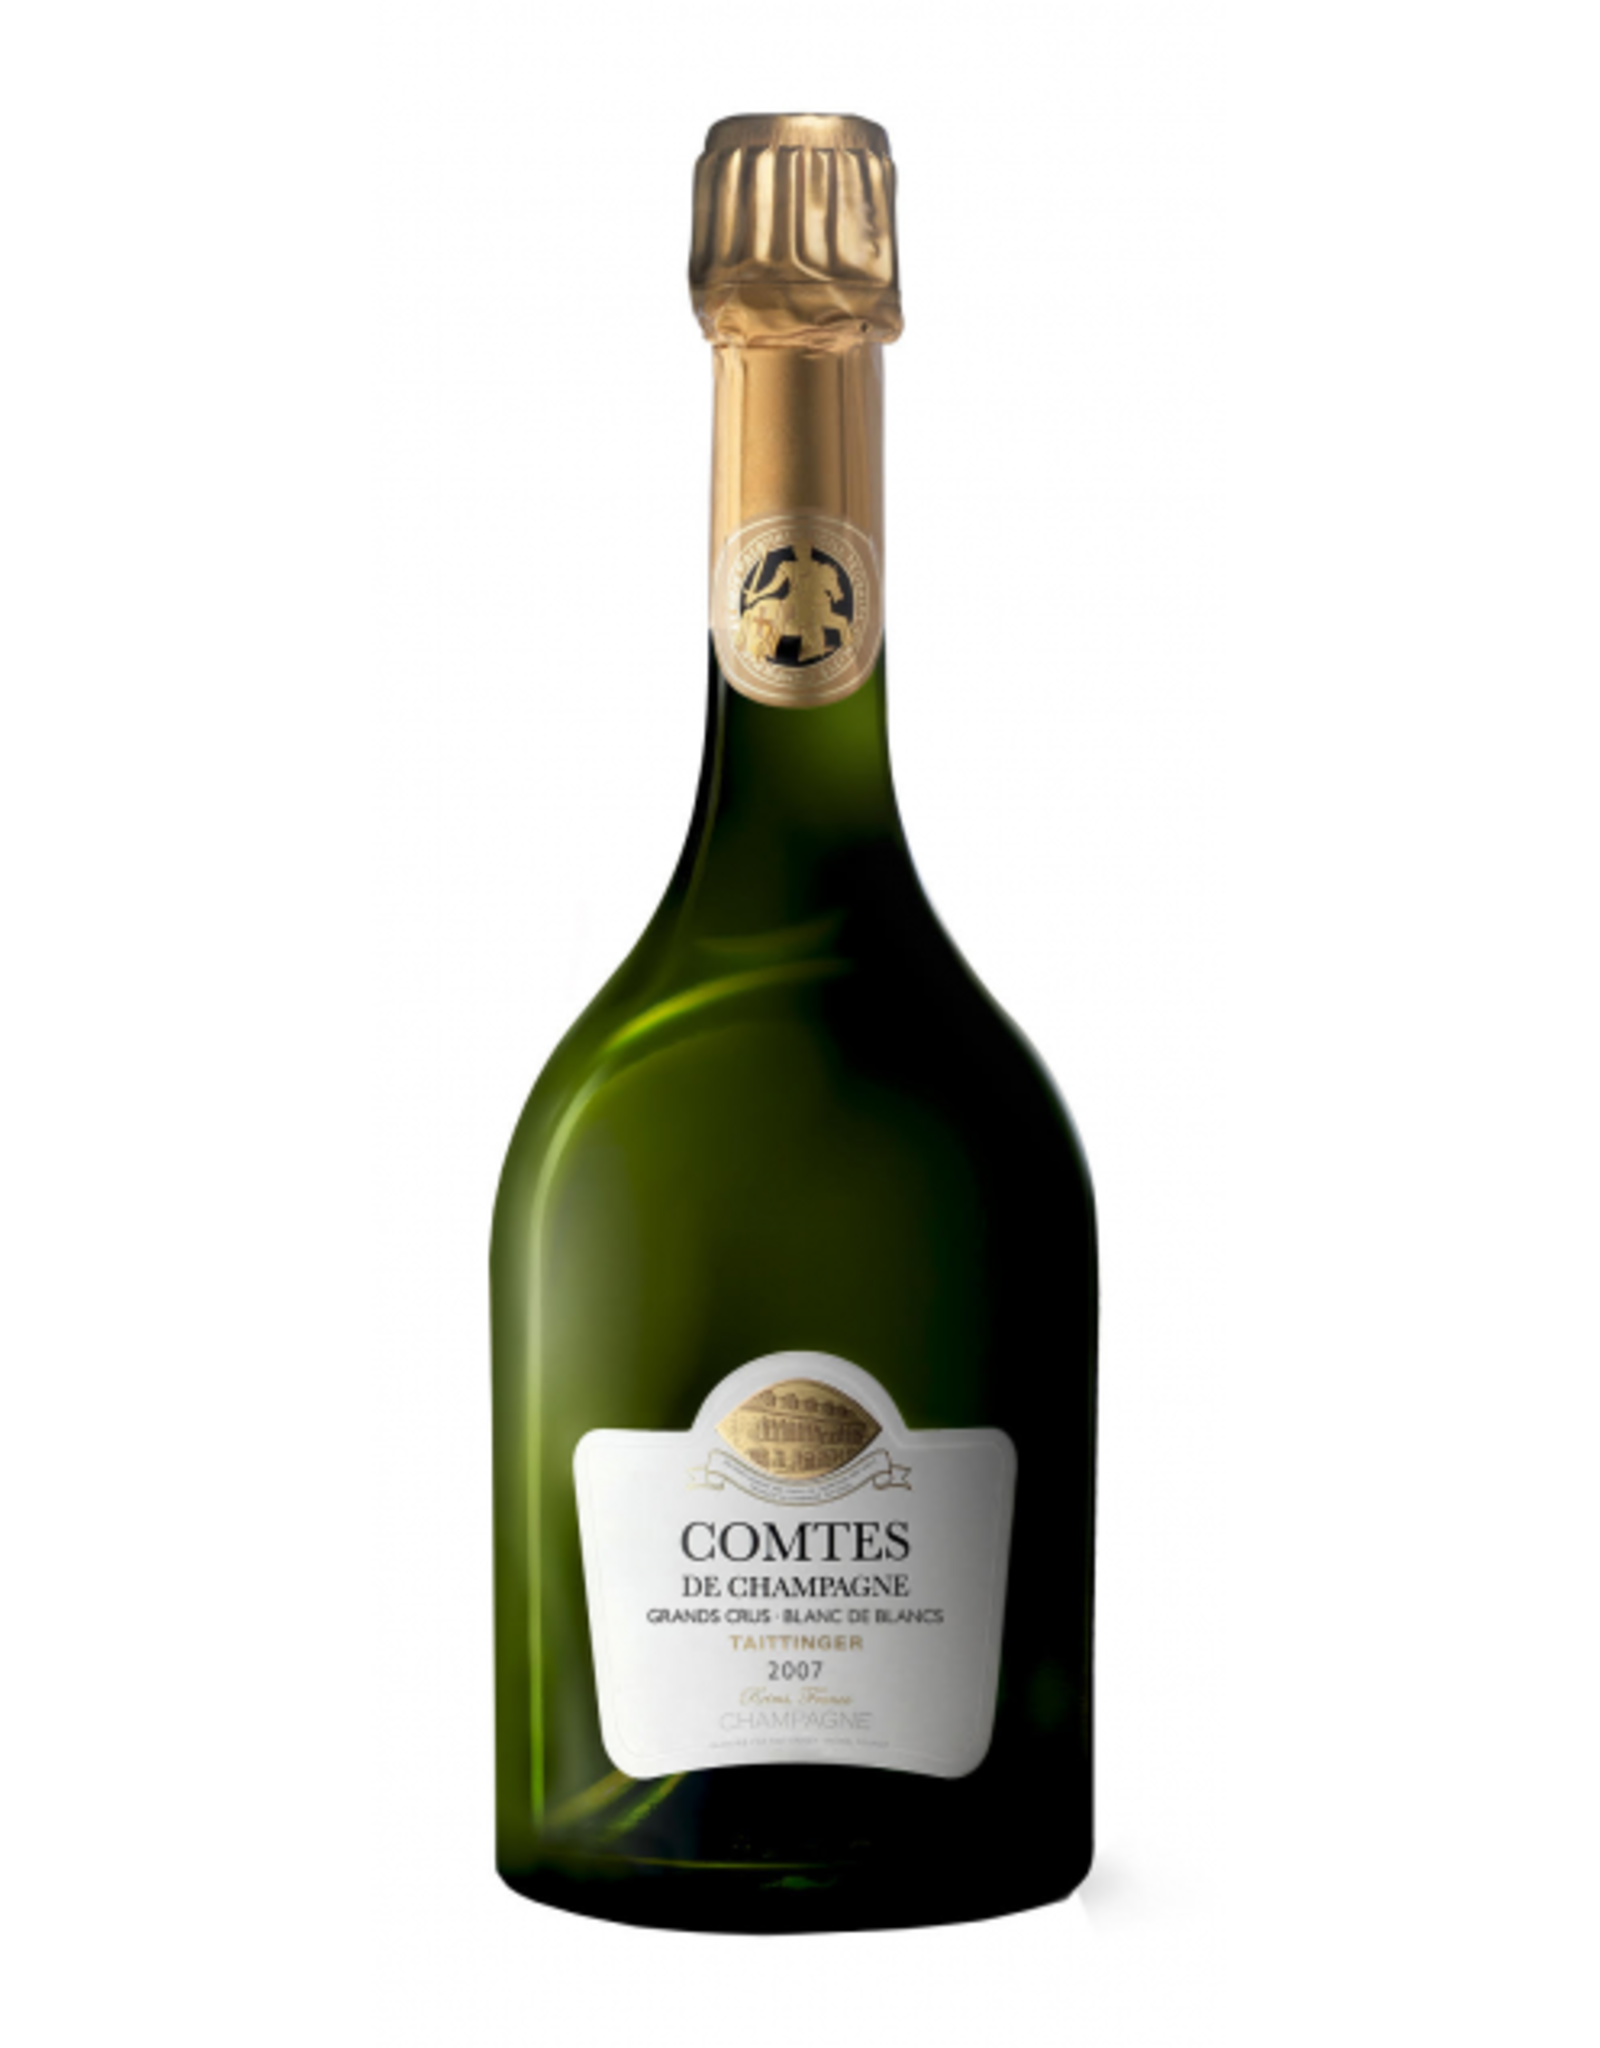 Taittinger 'Comtes de Champagne' Blanc de Blanc 2007